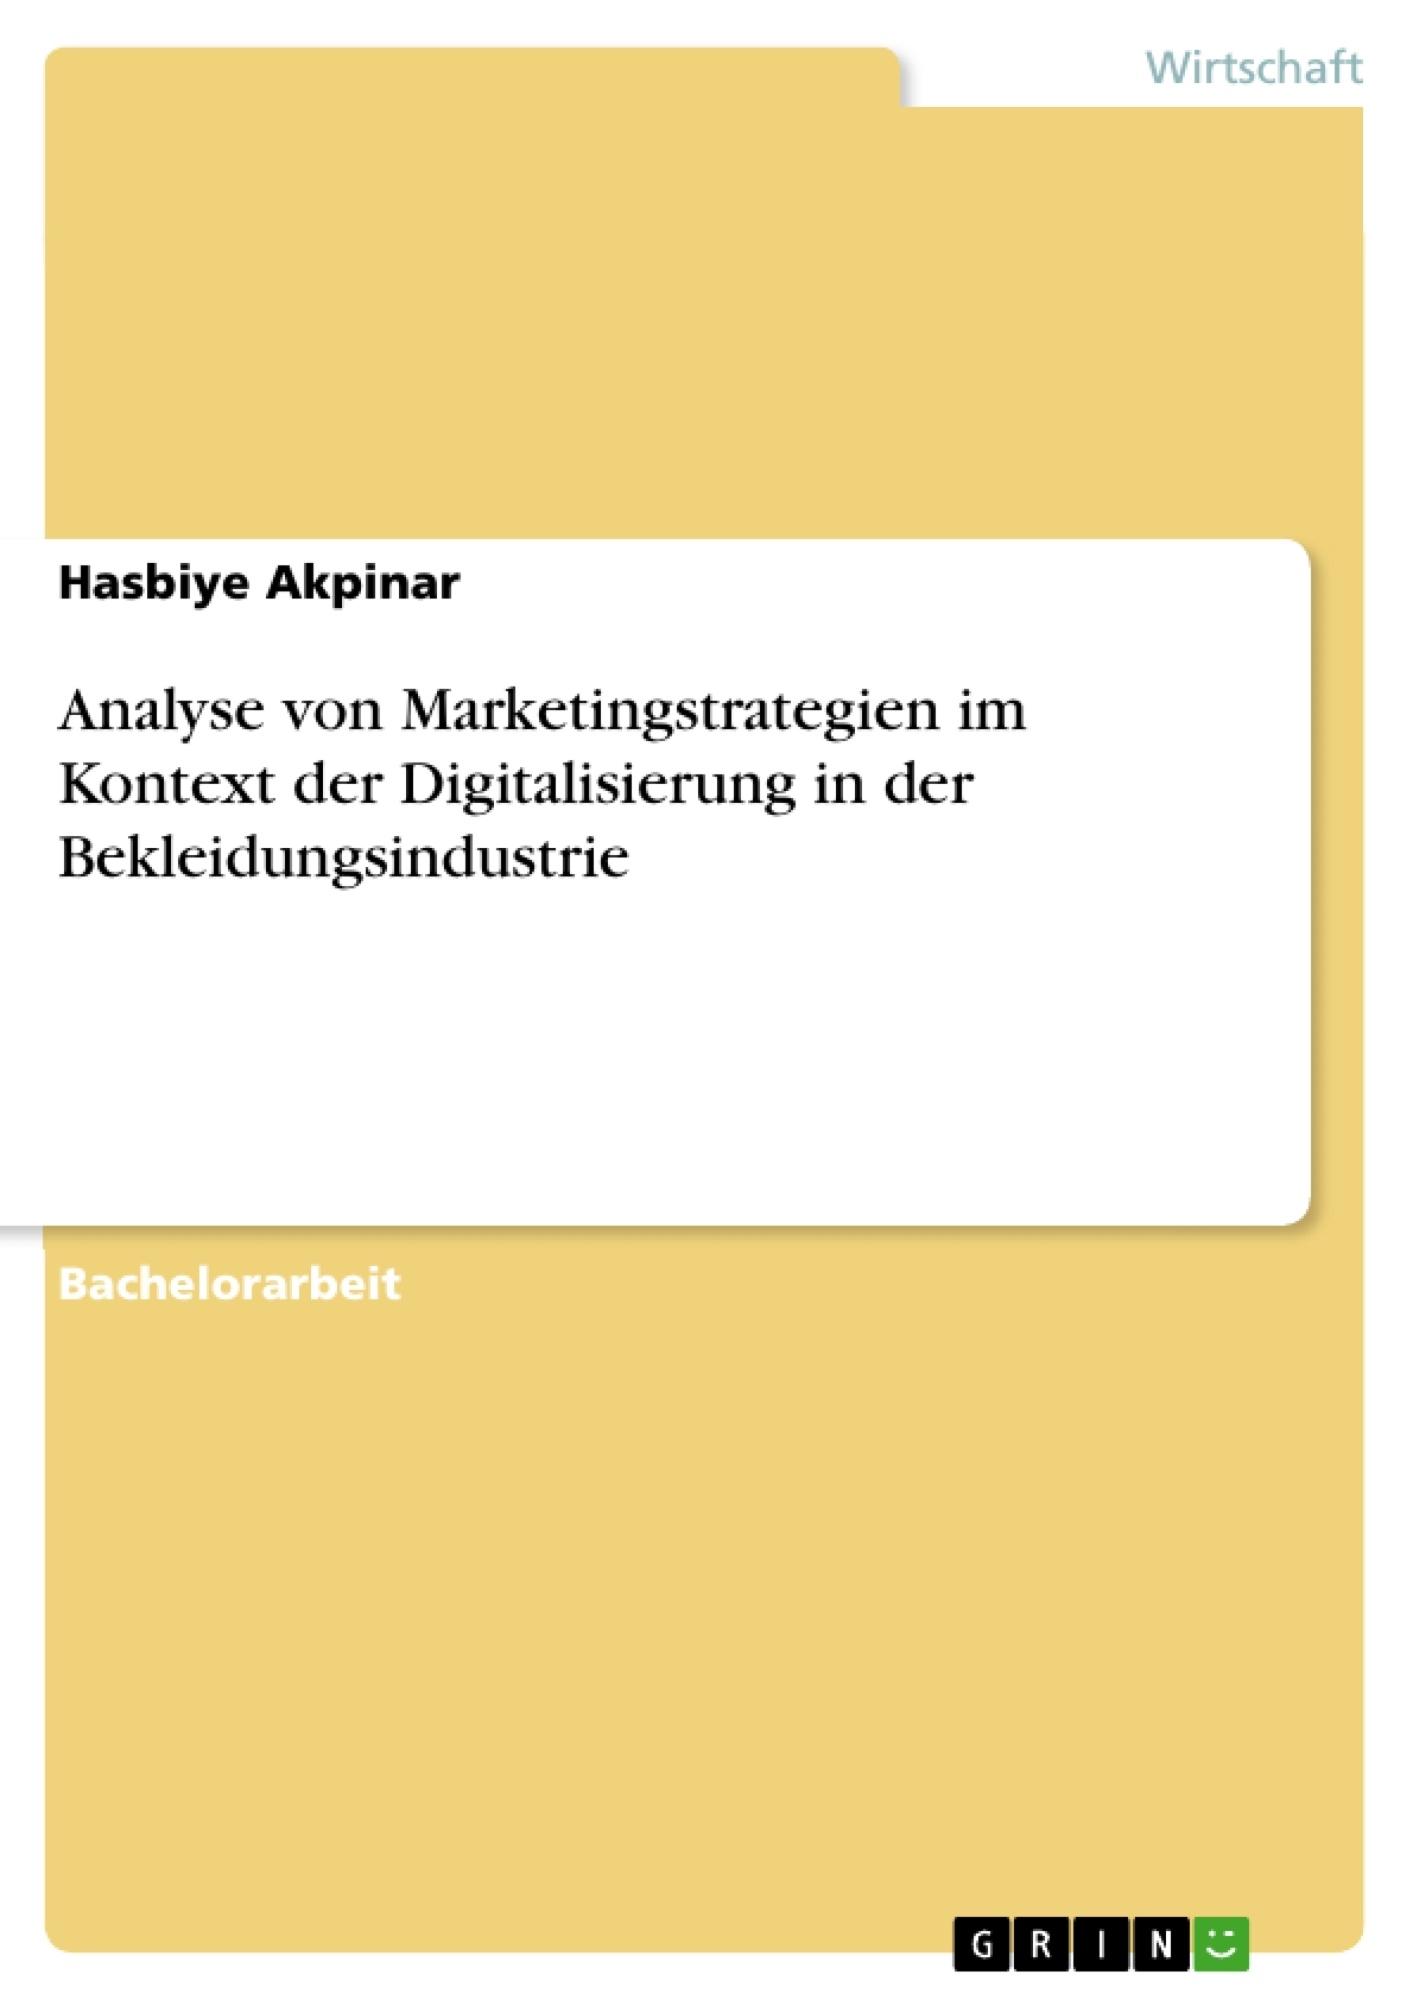 Titel: Analyse von Marketingstrategien im Kontext der  Digitalisierung in der Bekleidungsindustrie